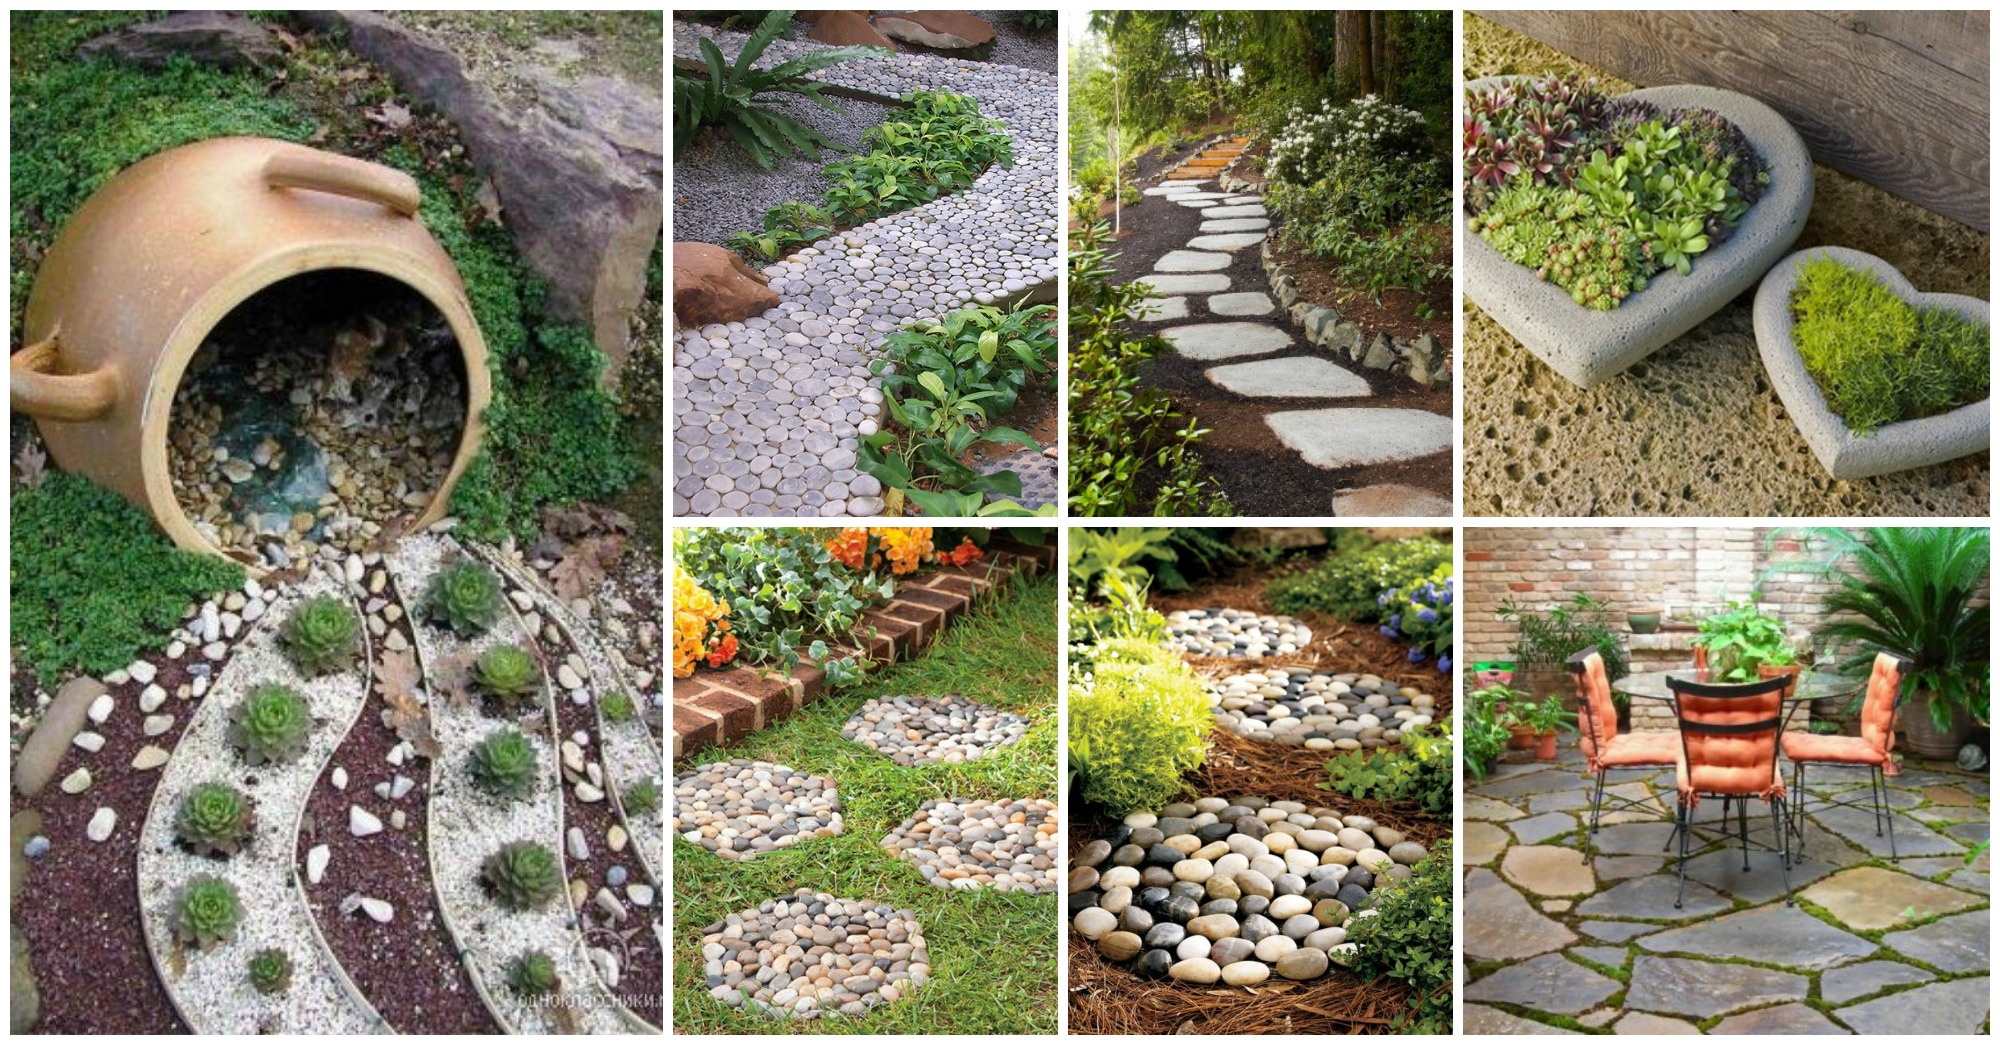 10 ideas para arreglar tu jard n con poco dinero mi for Ideas de jardines exteriores